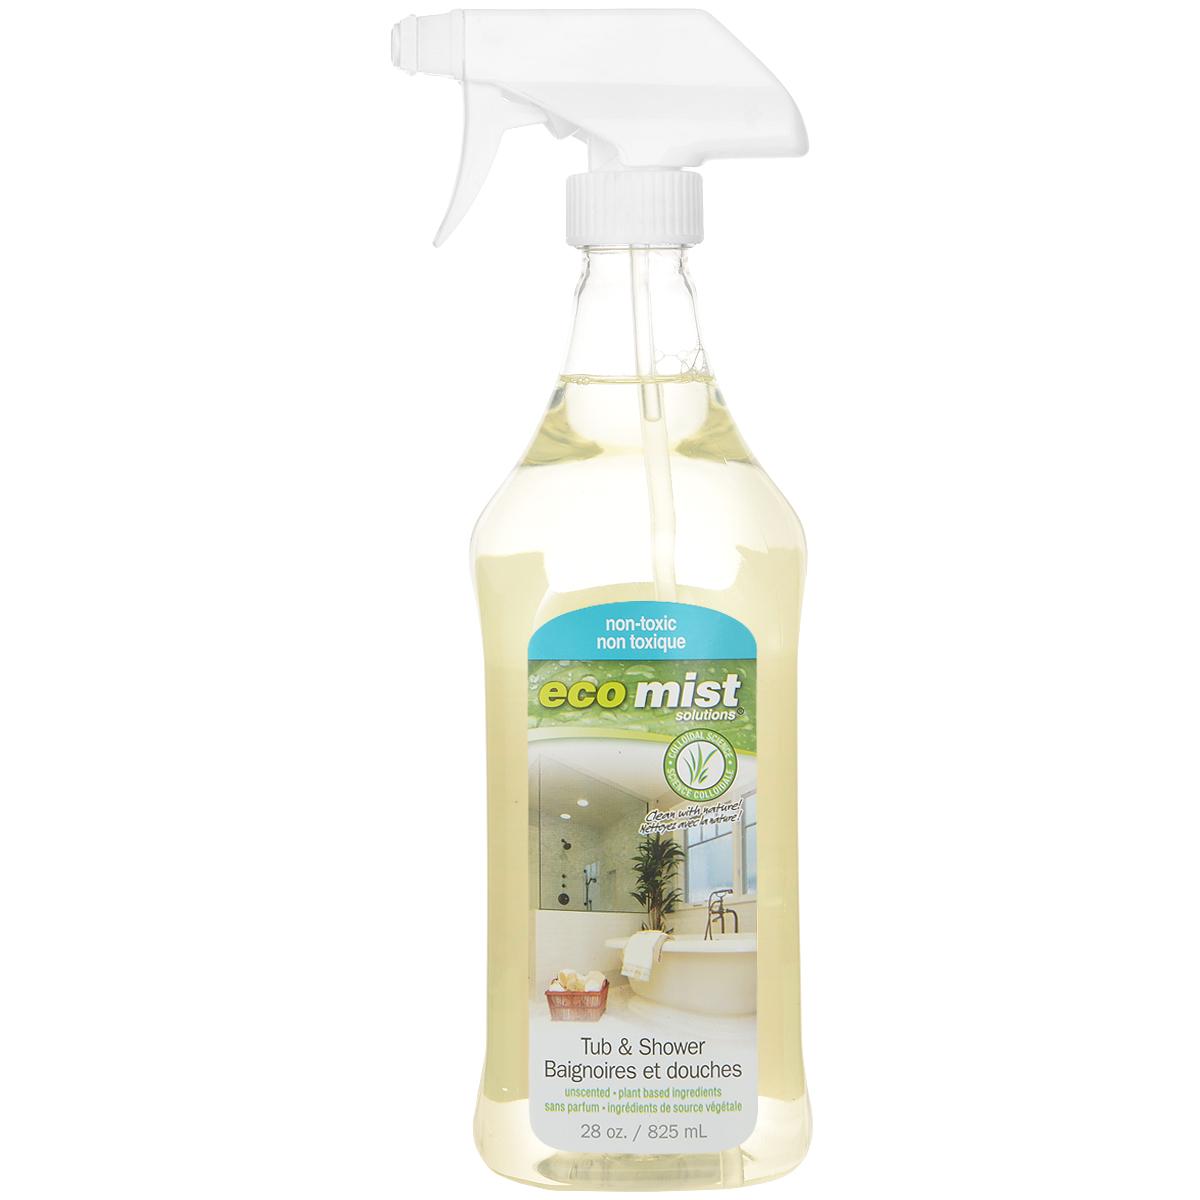 Средство для чистки ванн и душевых кабин Eco Mist, 825 мл68/5/1Средство Eco Mist предназначено для очистки ванн, душевых кабин/дверей, плитки, раковин, унитазов, а также для удаления мыльной пены, плесени и грибков. Дезинфицирует поверхность, нейтрализует неприятные запахи. Поверхность приобретает необыкновенную чистоту и блеск. Состав: дехлорированная вода, экстракт зерна, древесный сок, экстракт кукурузы, экстракт картофеля, сахарный тростник.